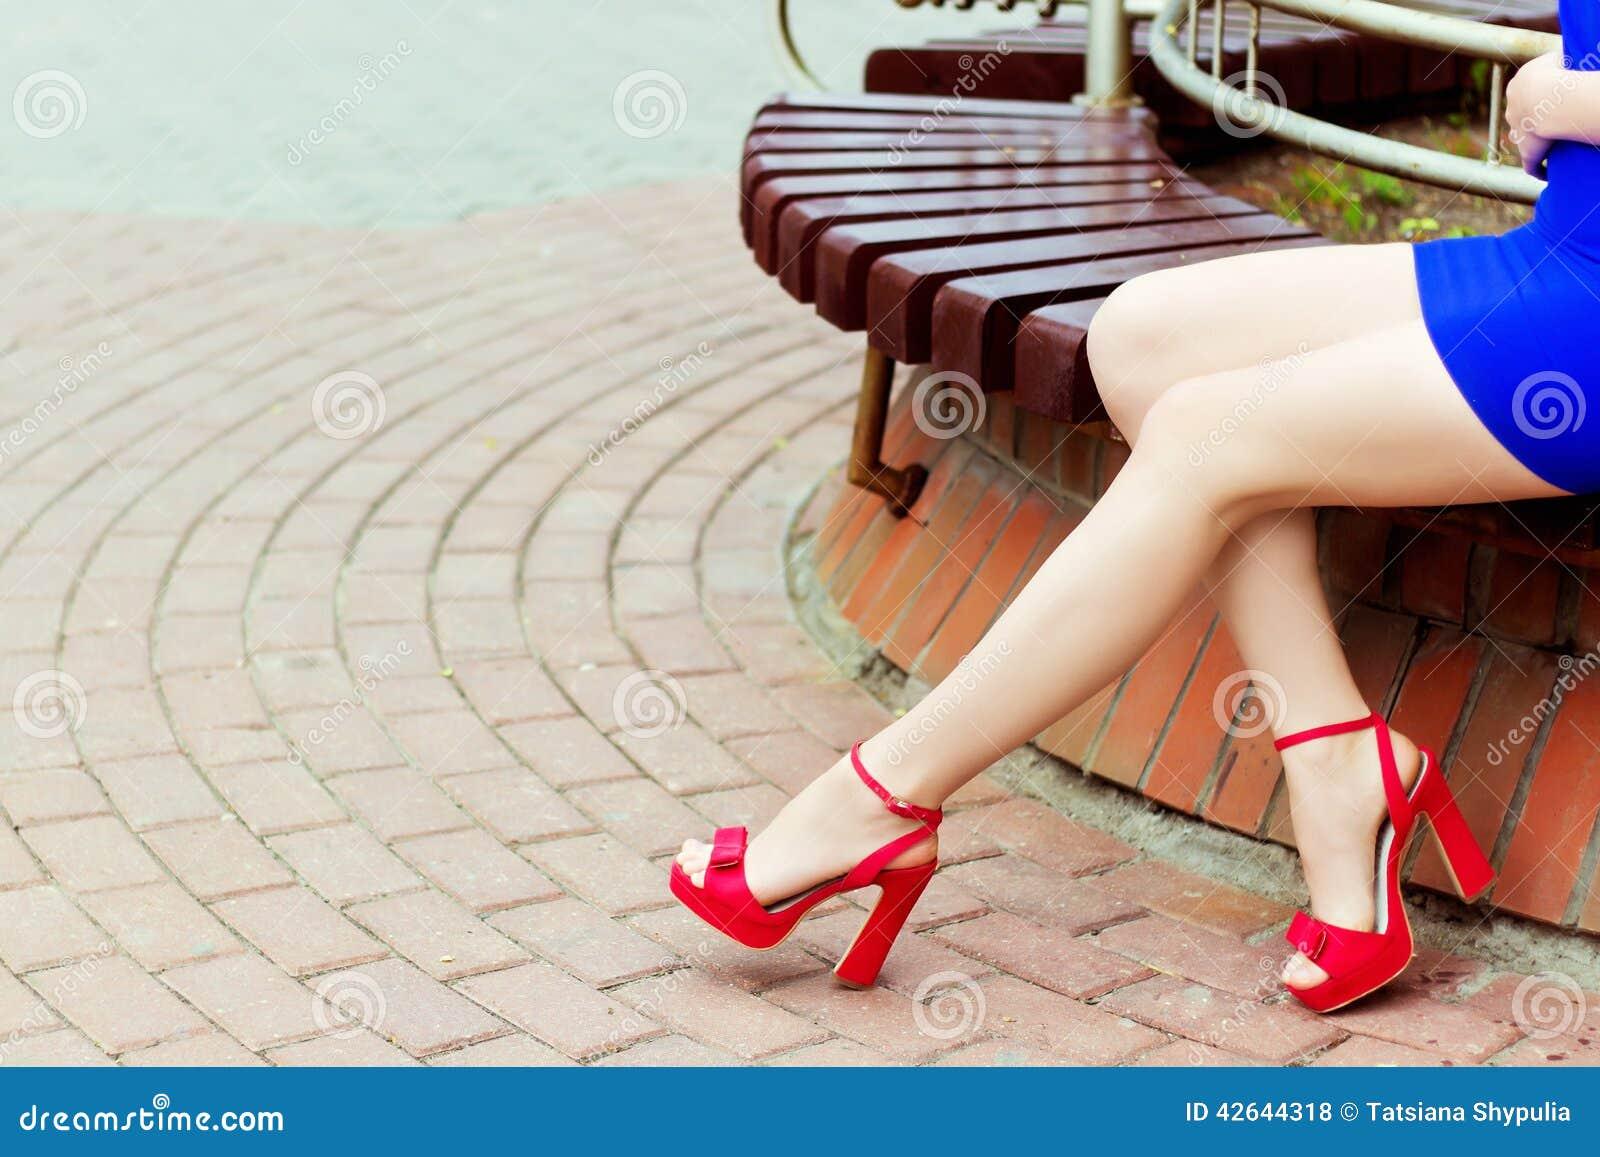 Девушки в кожаных брюках фото и